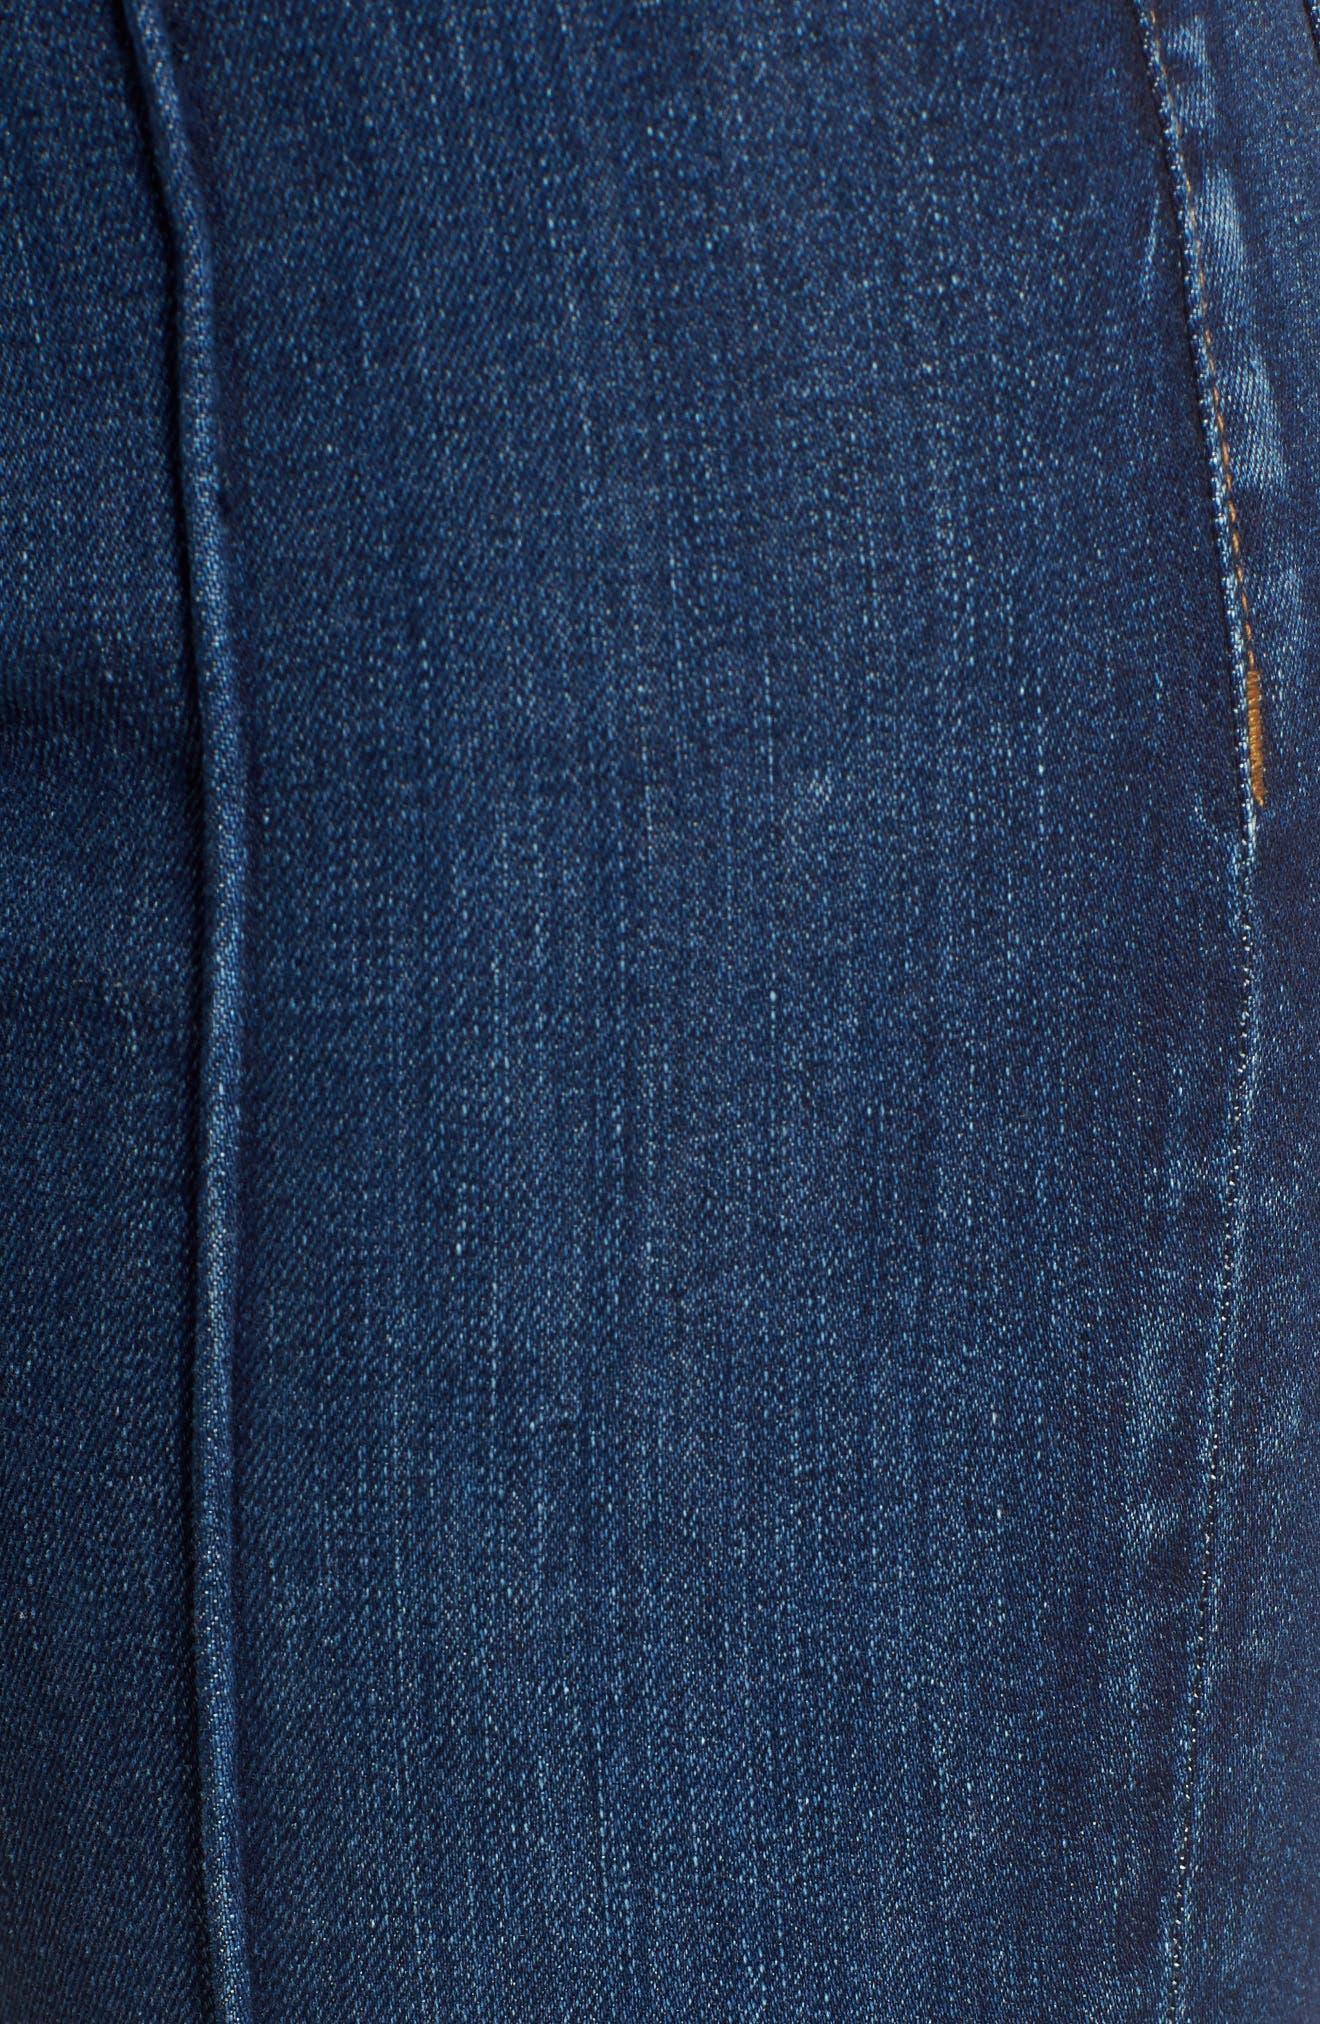 Barbara Pintuck Super Skinny Jeans,                             Alternate thumbnail 5, color,                             401